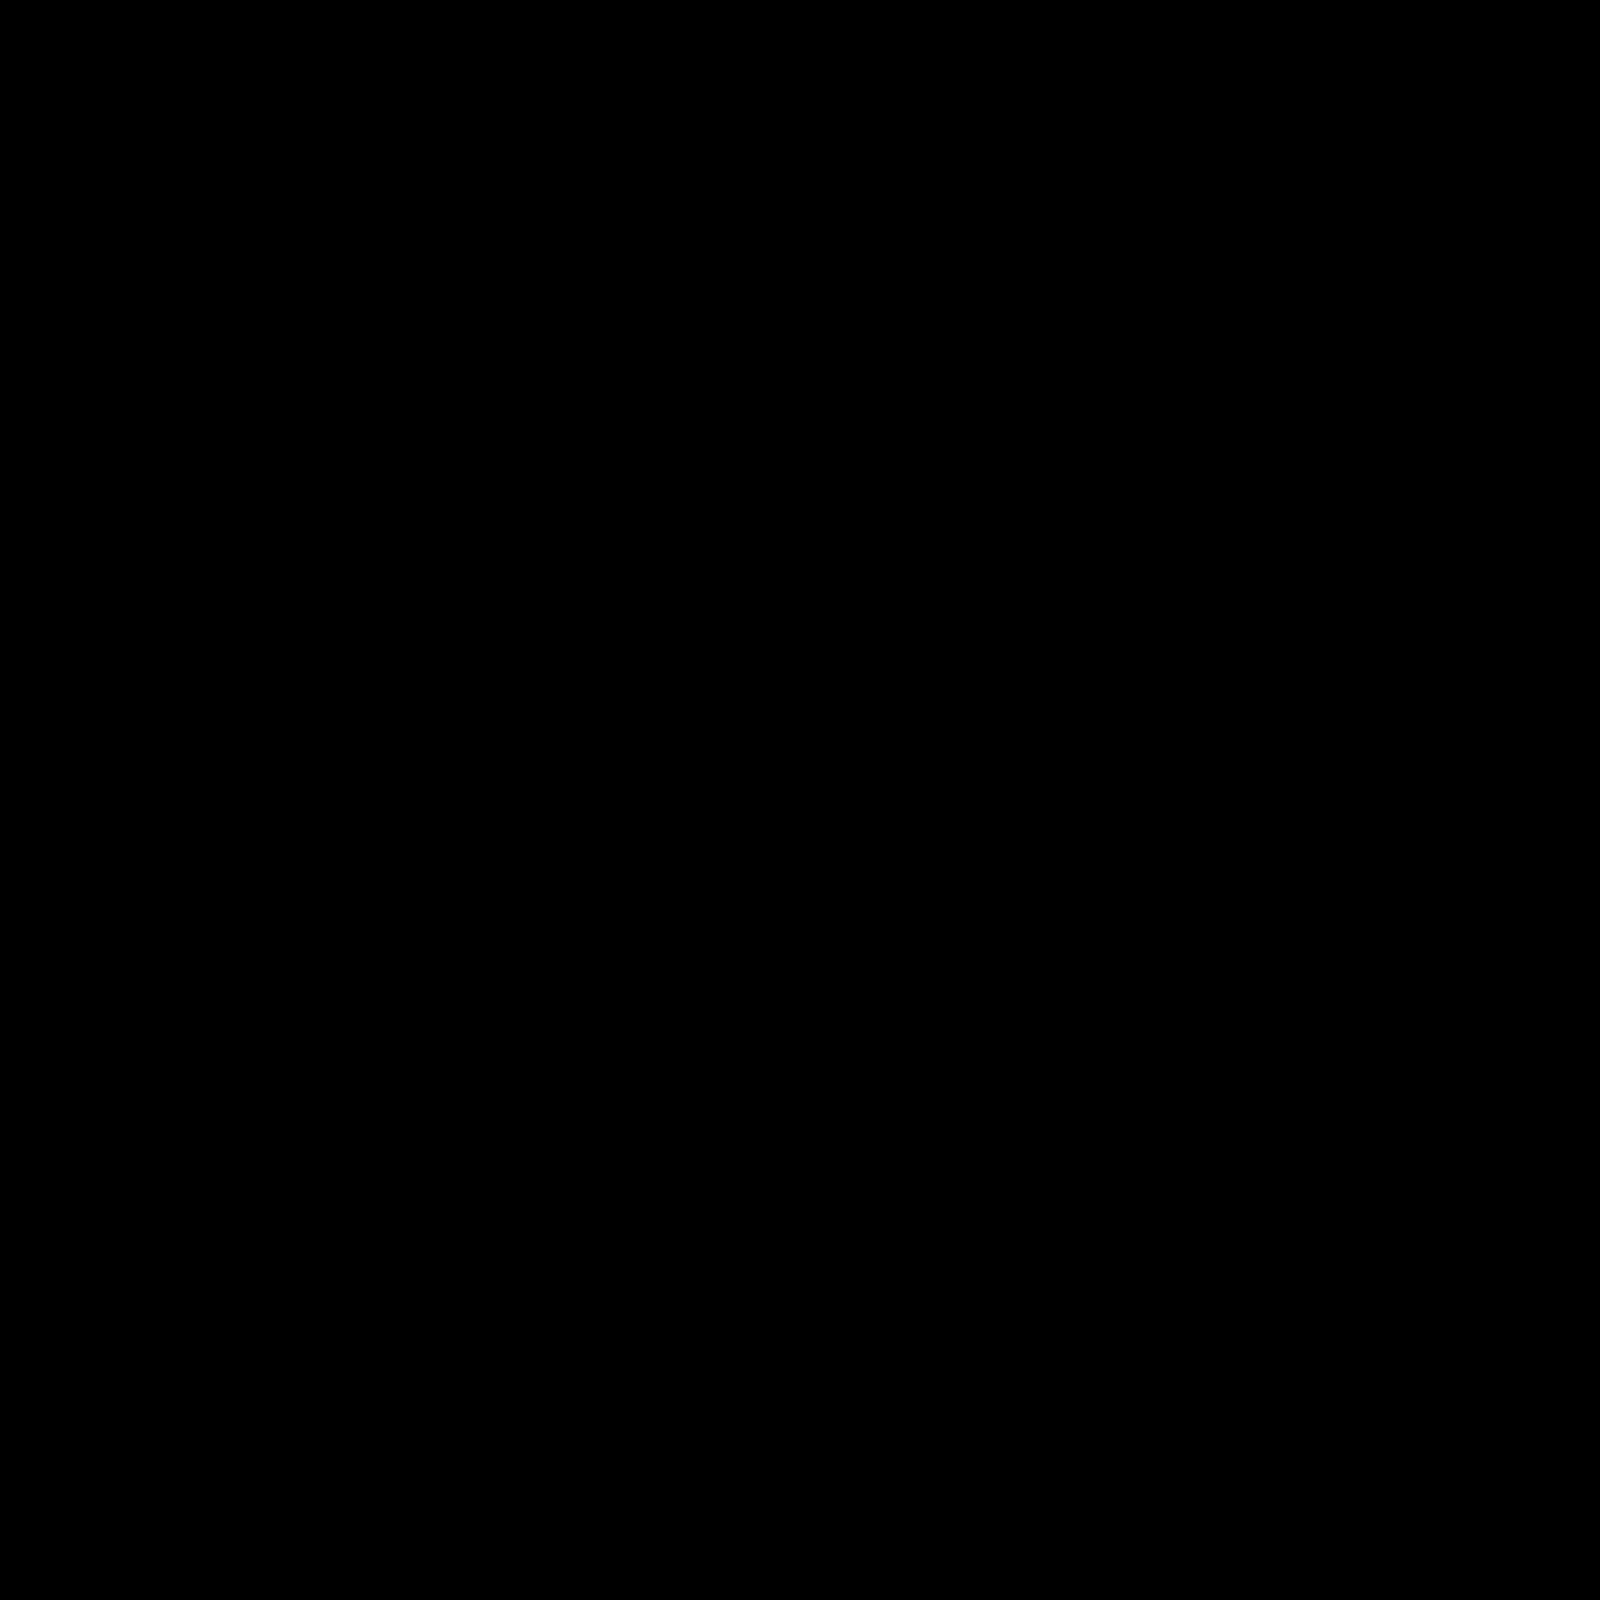 Seite wiederherstellen icon